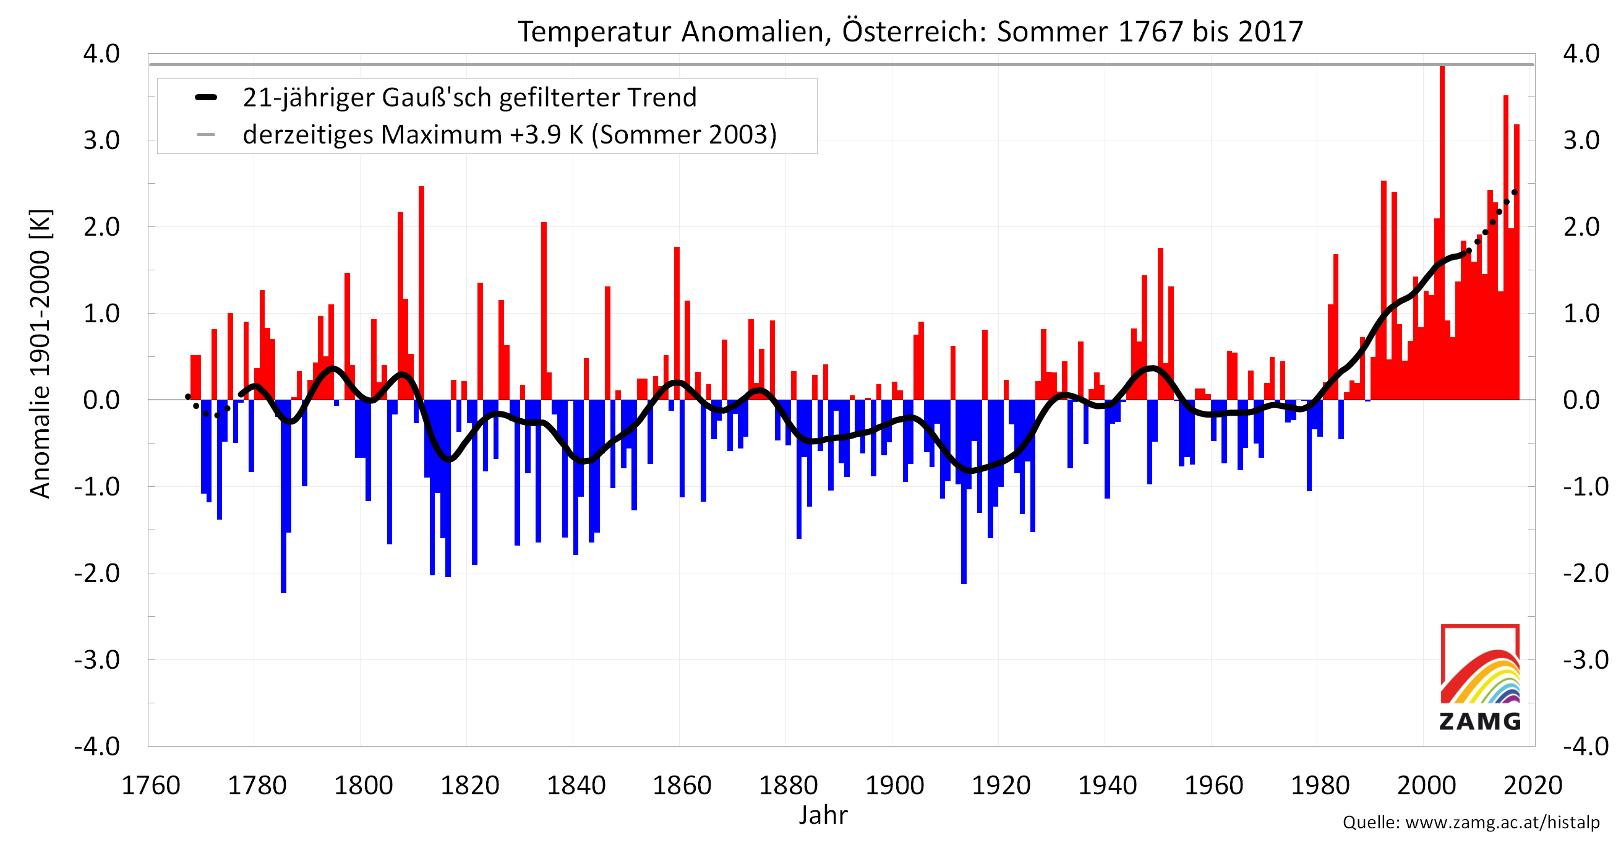 https://www.zamg.ac.at/cms/de/klima/news/drittwaermster-sommer-der-messgeschichte/image